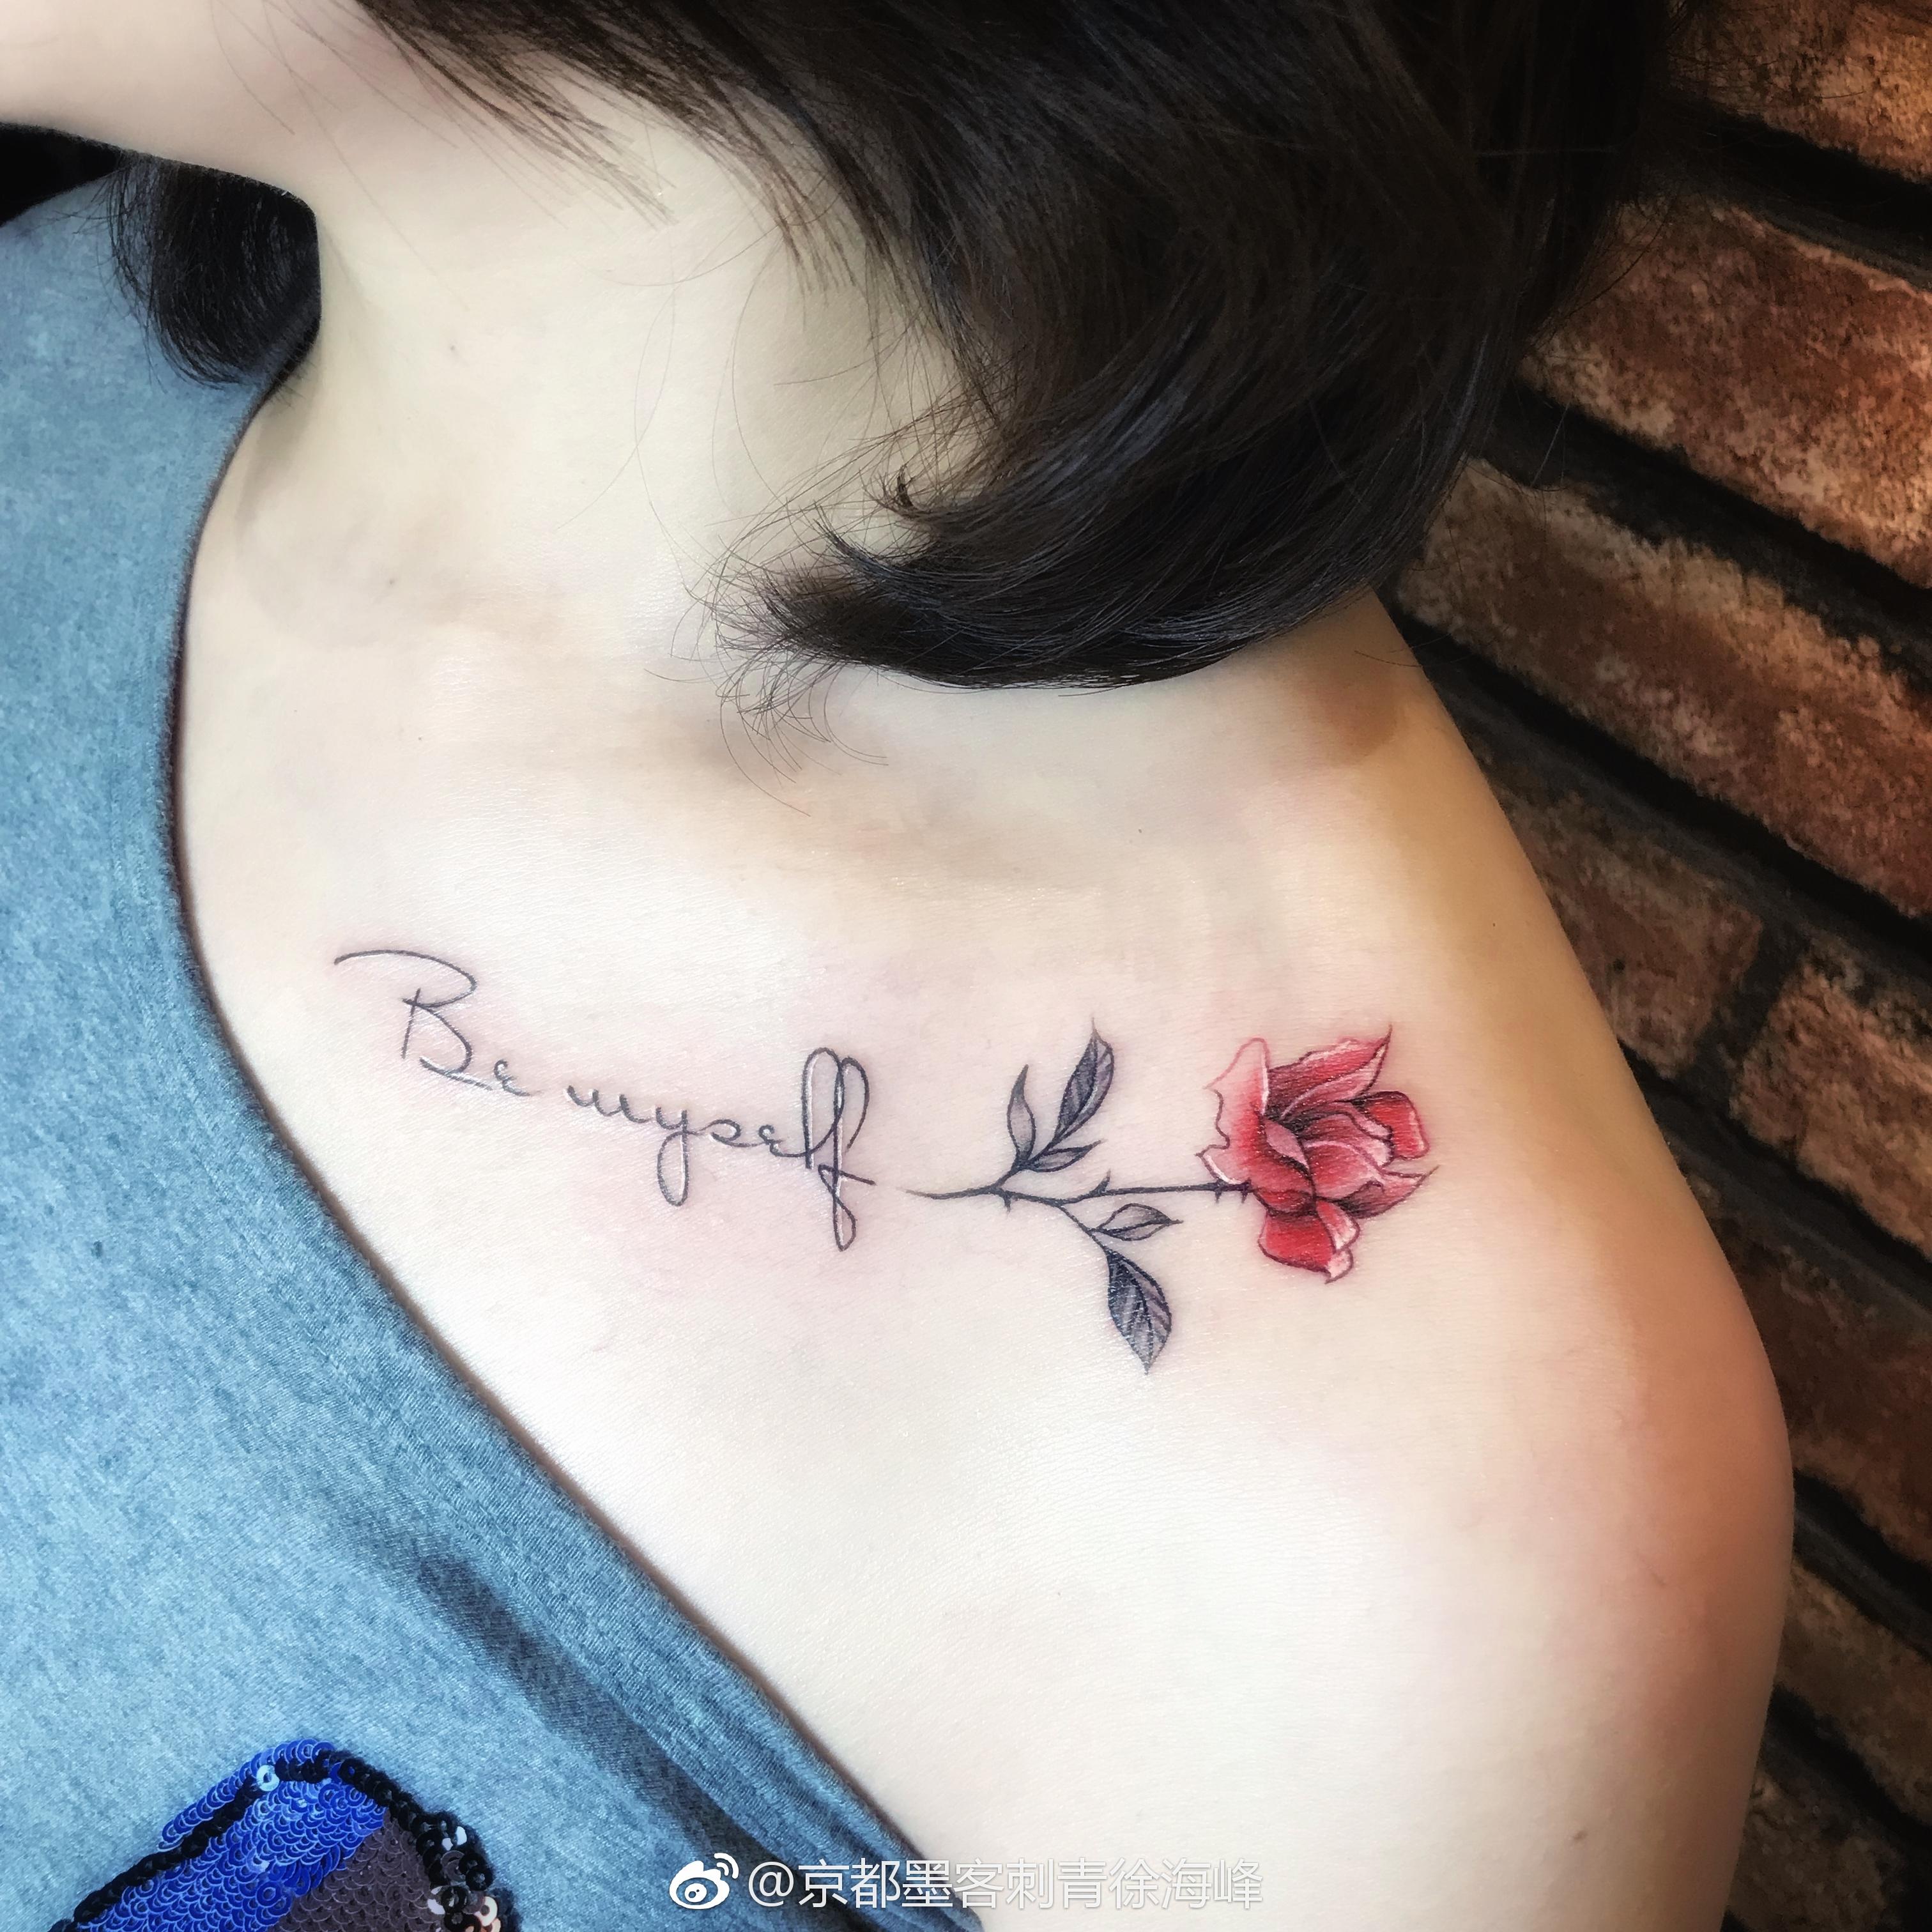 锁骨小清新红色玫瑰花苞英文字符纹身图案